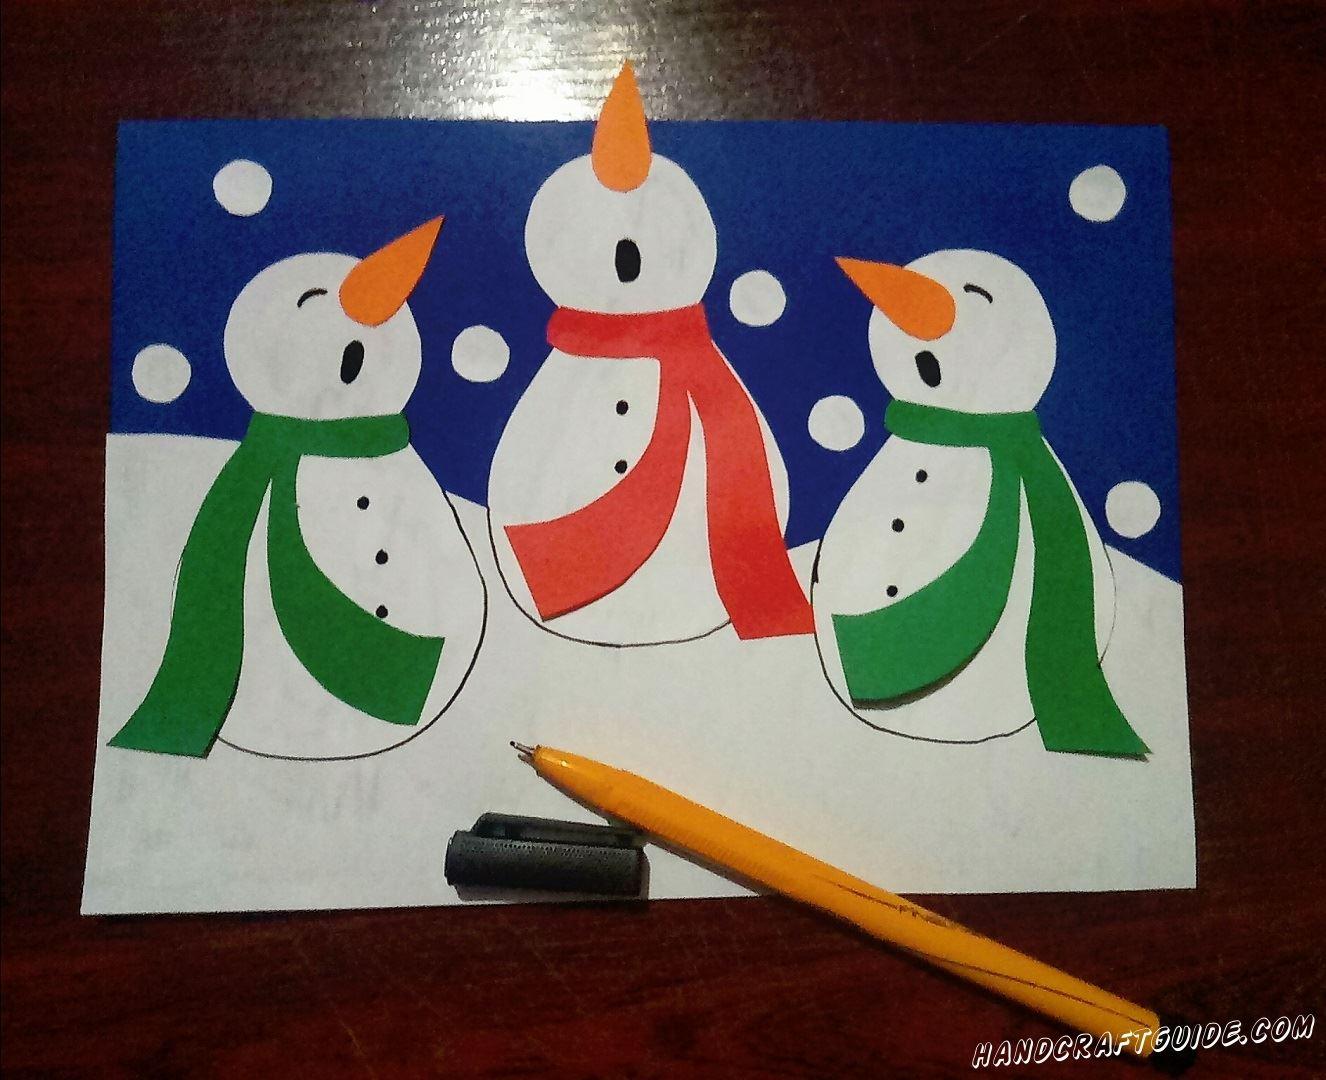 Приветик всем. Даже когда на улице нет снега мы можем сделать снеговиков. Как? Сейчас мы вам всё расскажем.